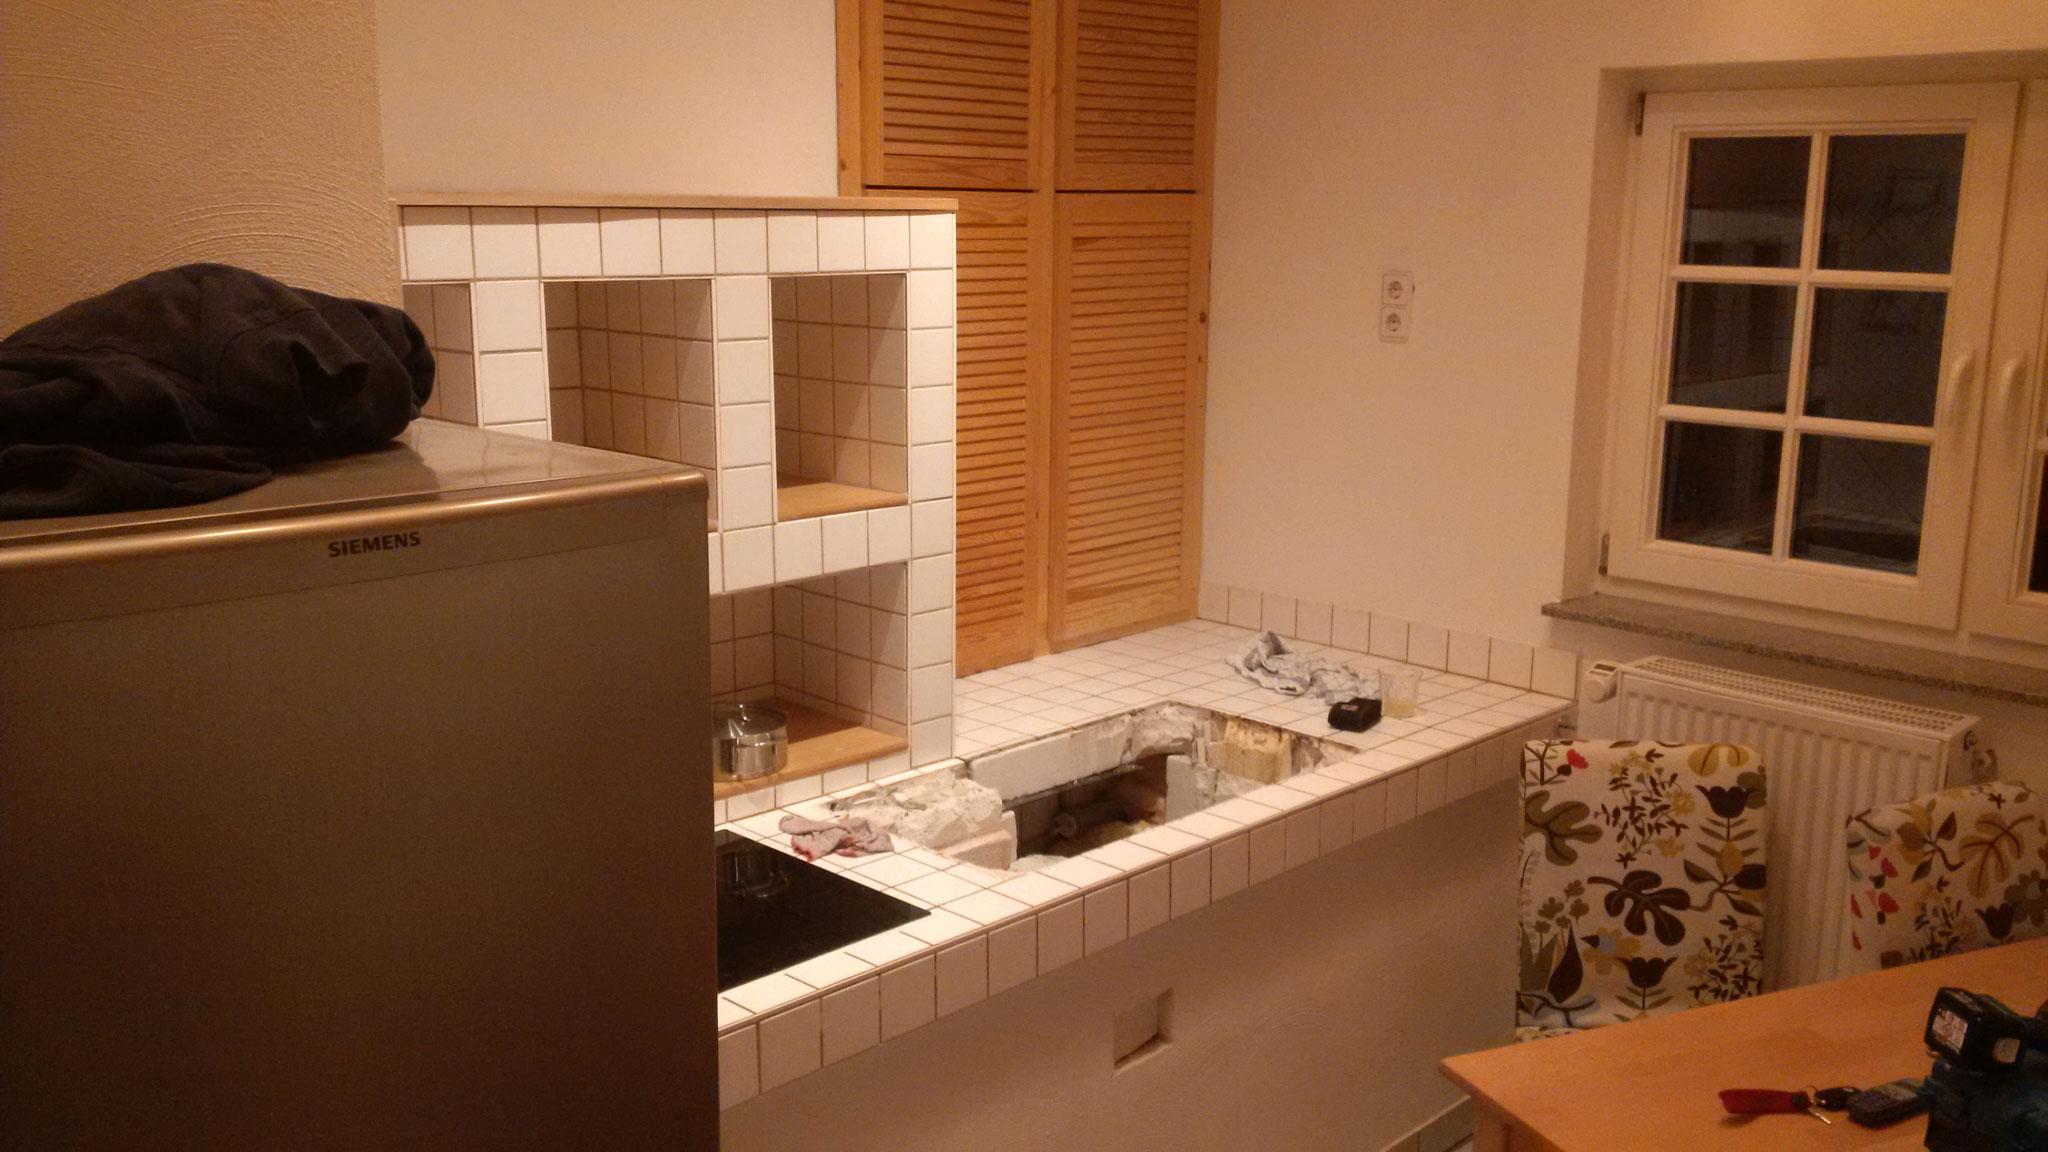 Abbruch einer Küche